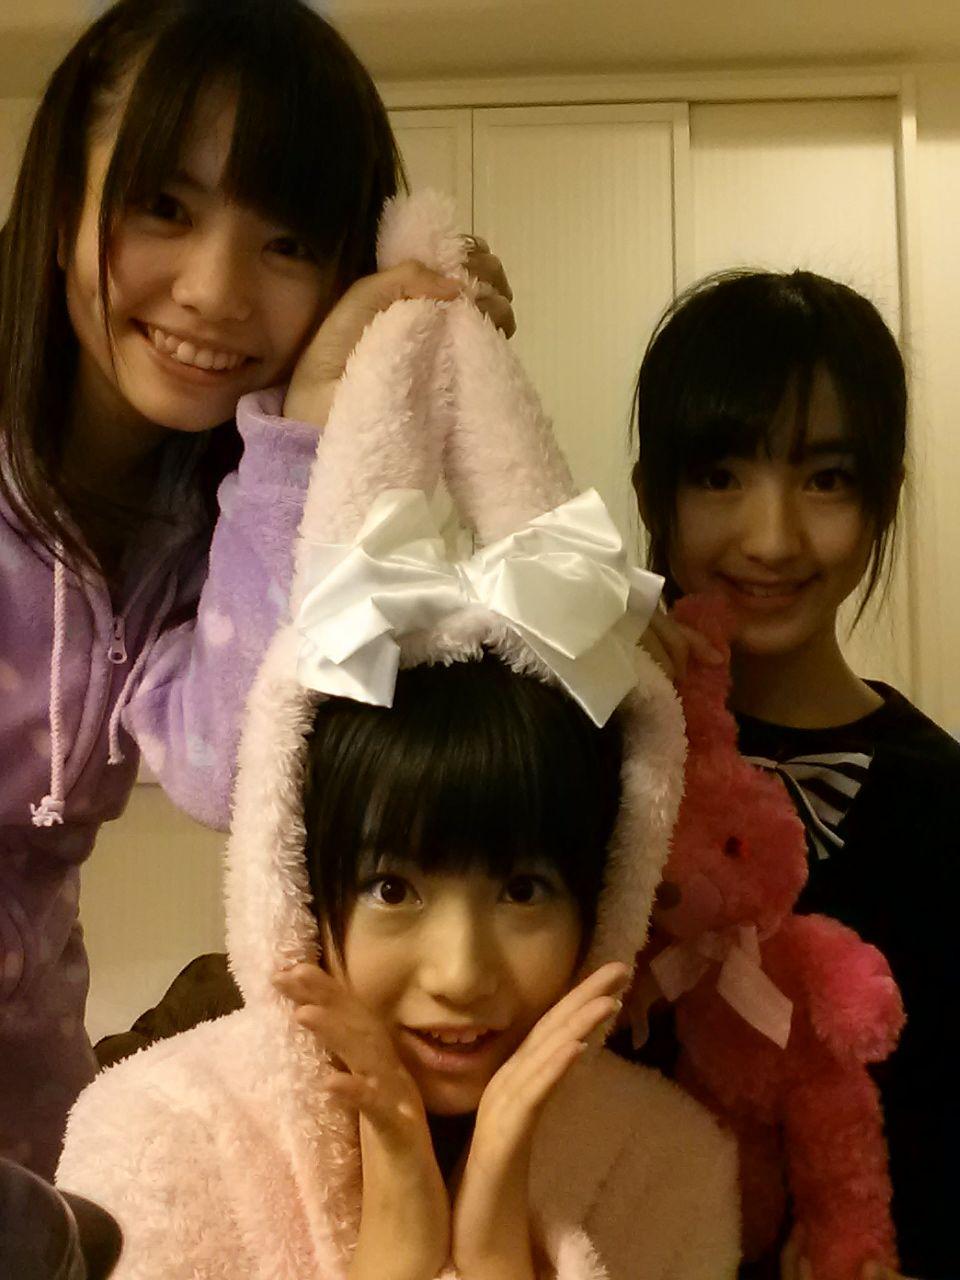 http://livedoor.blogimg.jp/otohaeika/imgs/f/d/fd384cad.jpg